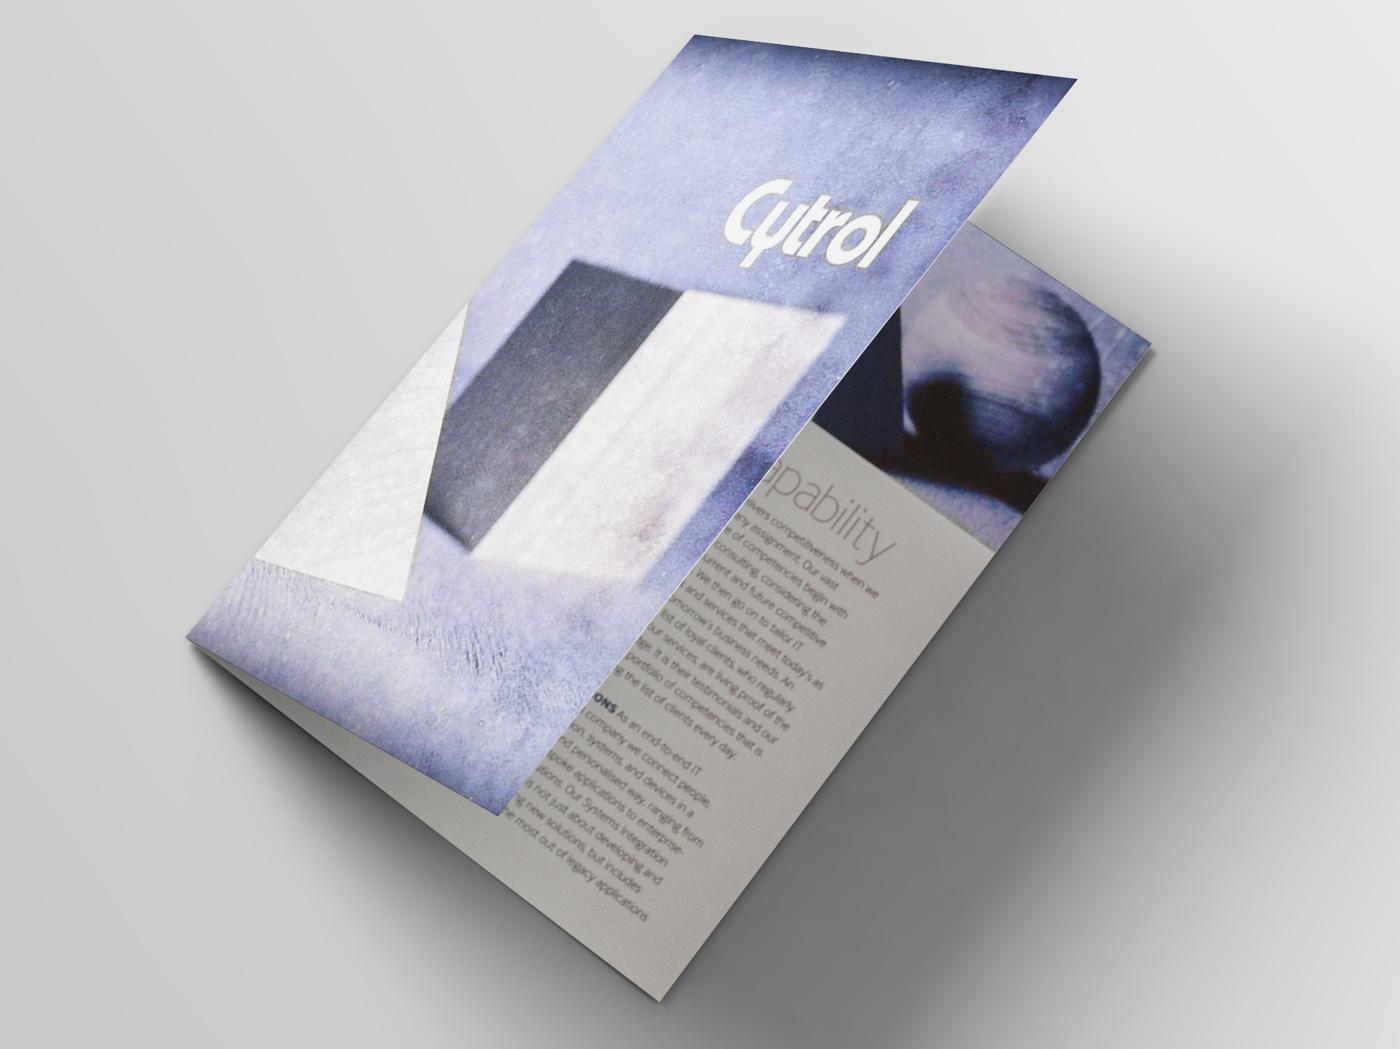 Cytrol Brochure